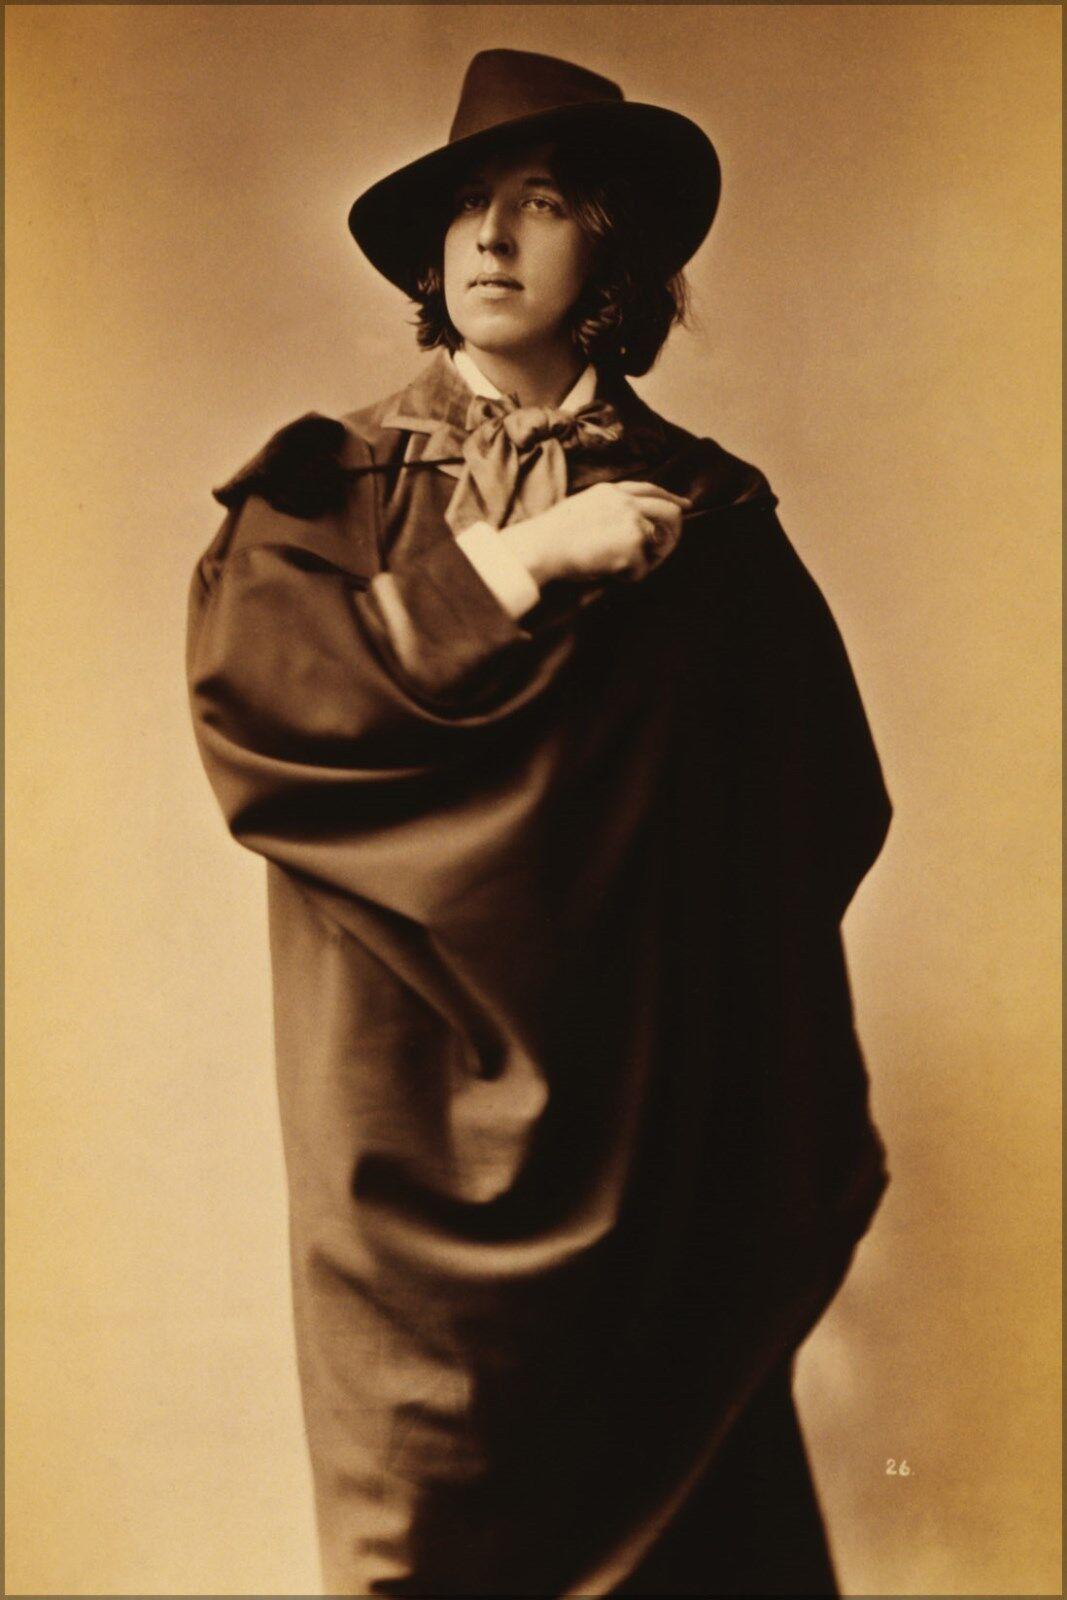 Plakat, Viele Größen; Oscar Wilde, dreiviertel Länge Bild,